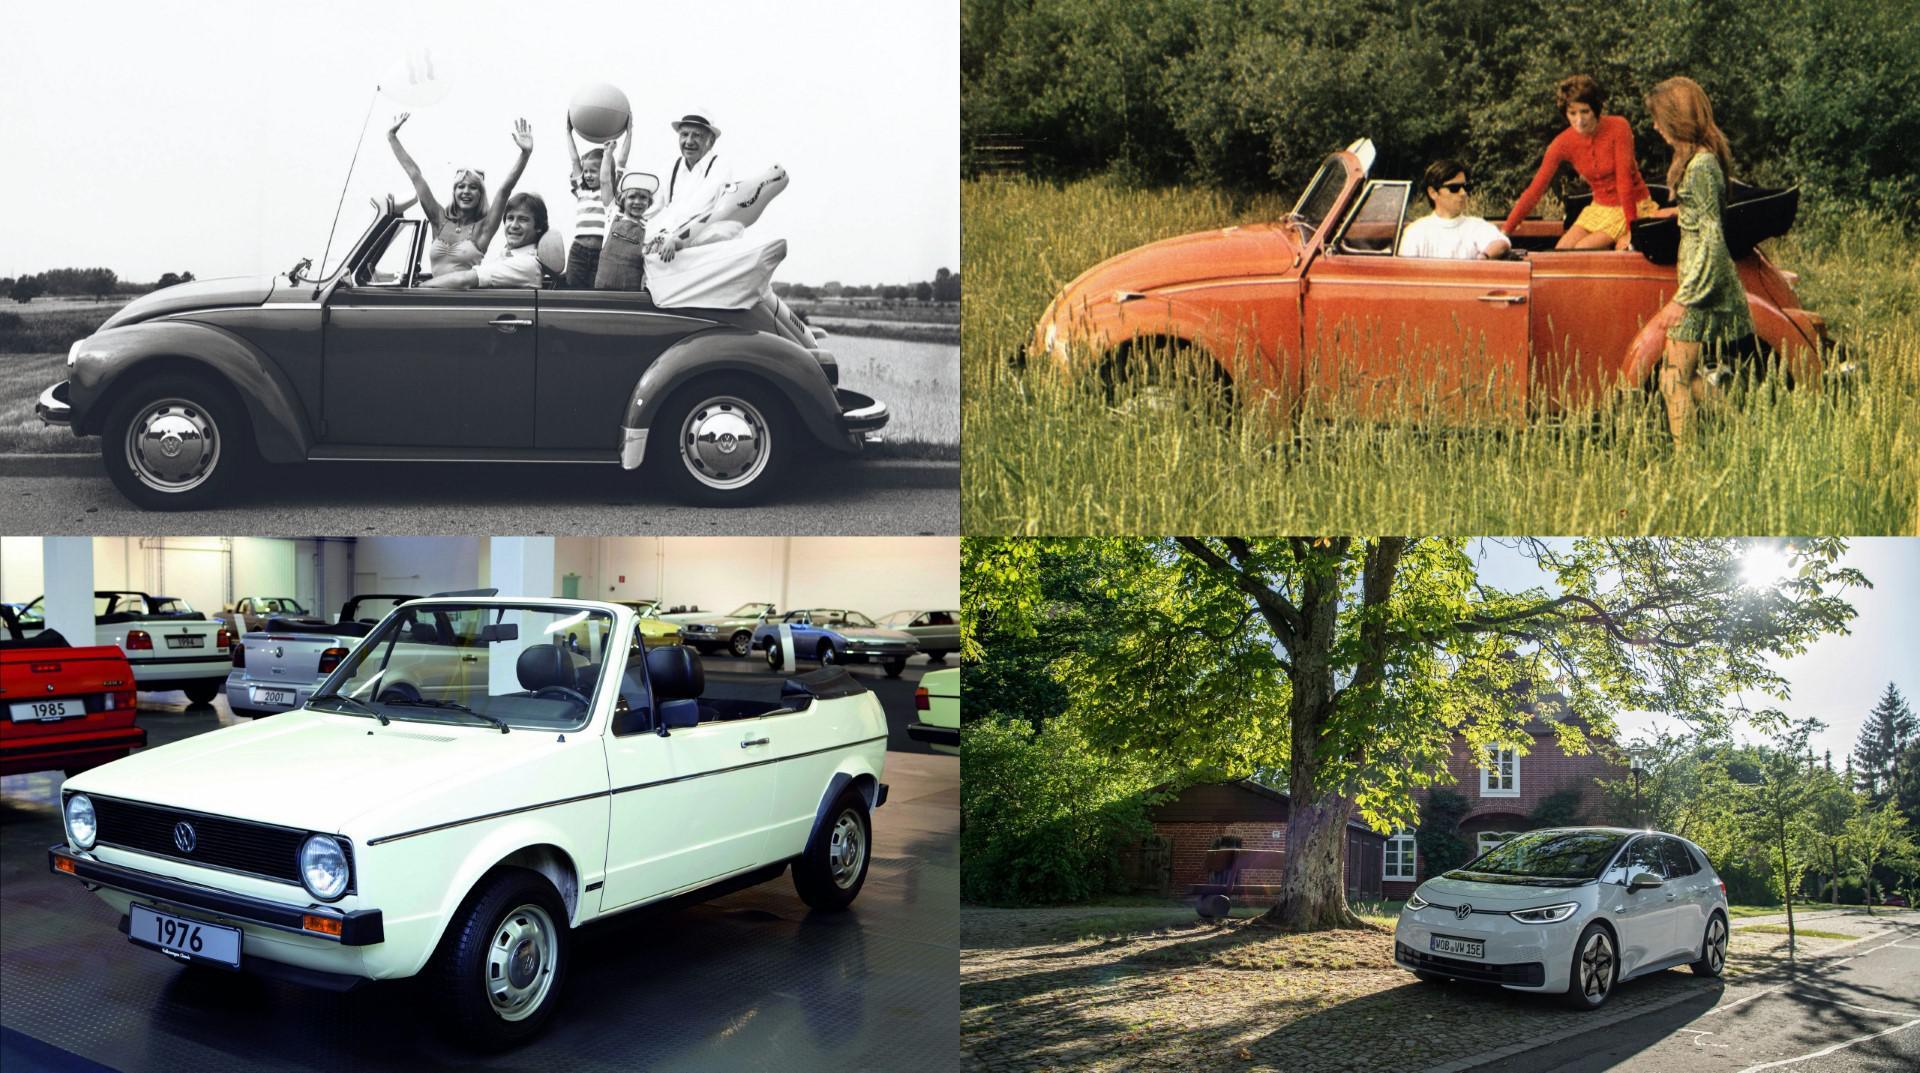 autoworld-museum-brussels-presente-volkswagen-milestones-1421-9.jpg